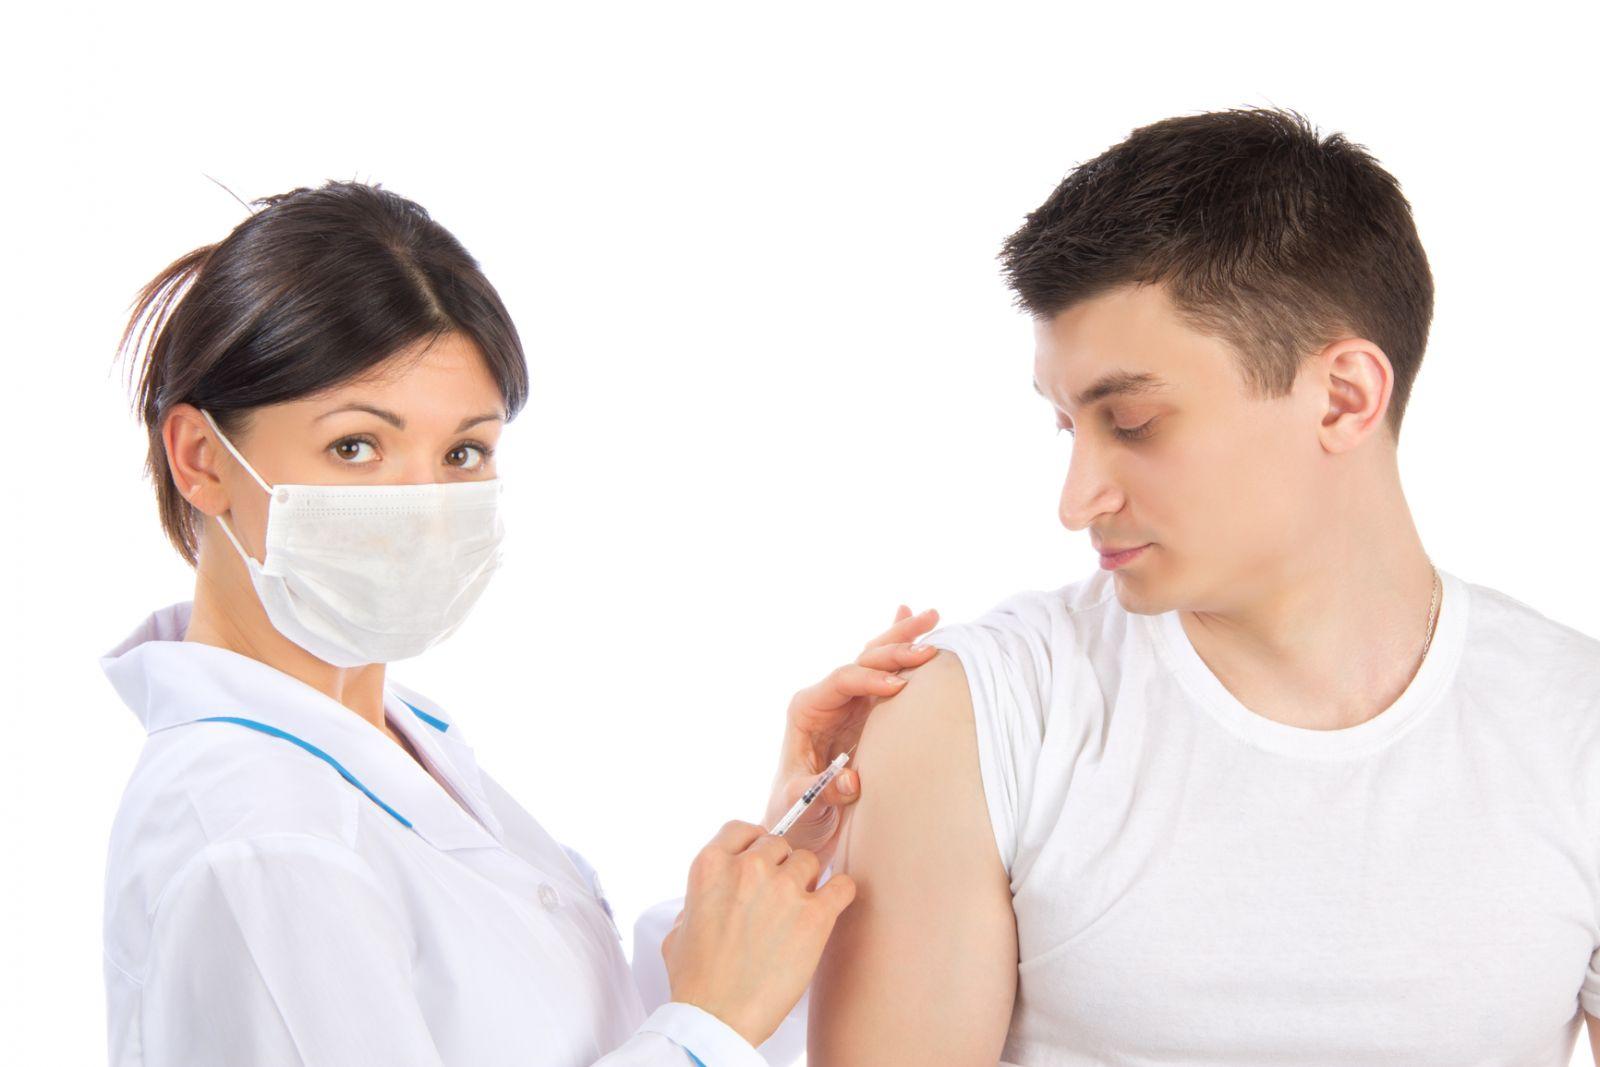 вакцинация для профилактики гриппа